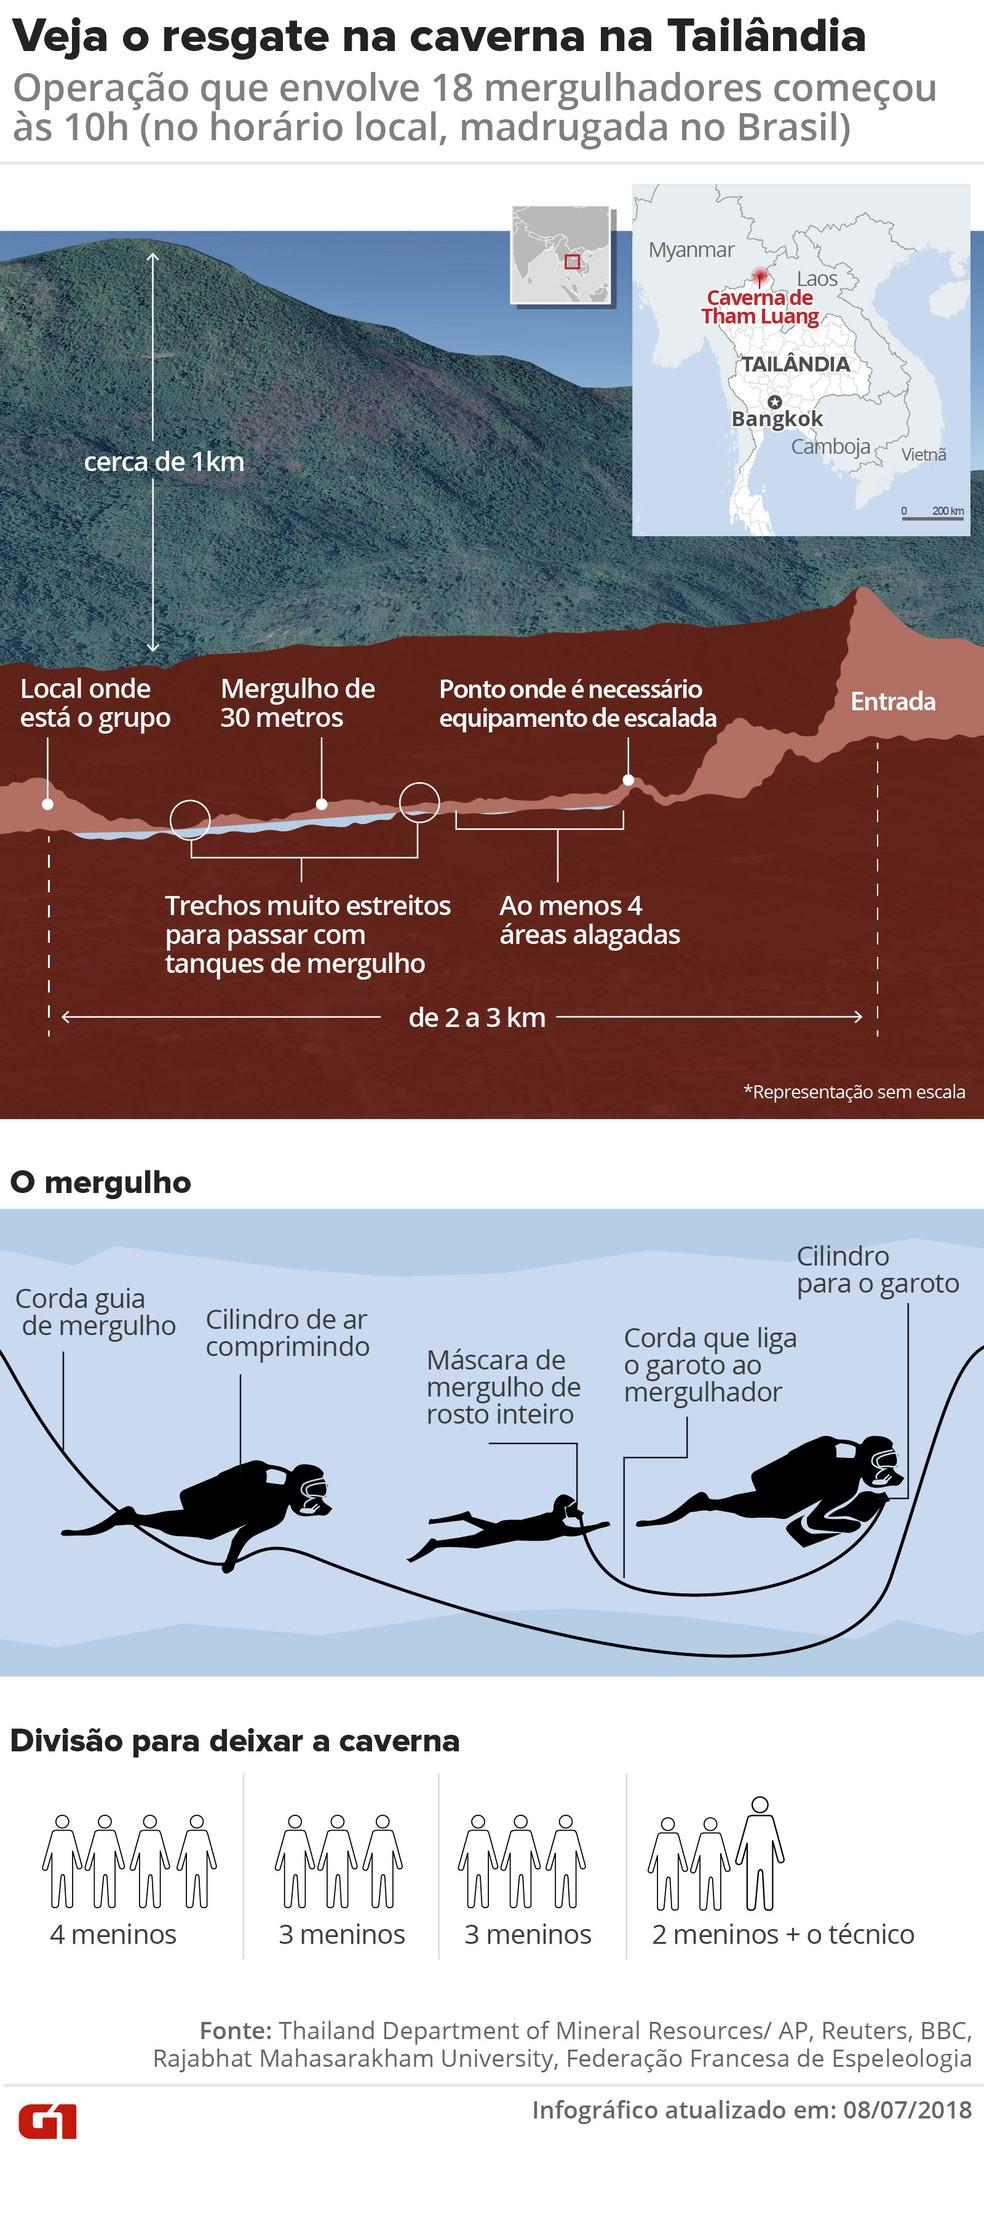 Infográfico mostra como foi organizado o resgate de grupo preso em caverna (Foto: Karina Almeida, Juliane Monteiro e Betta Jaworski/G1)